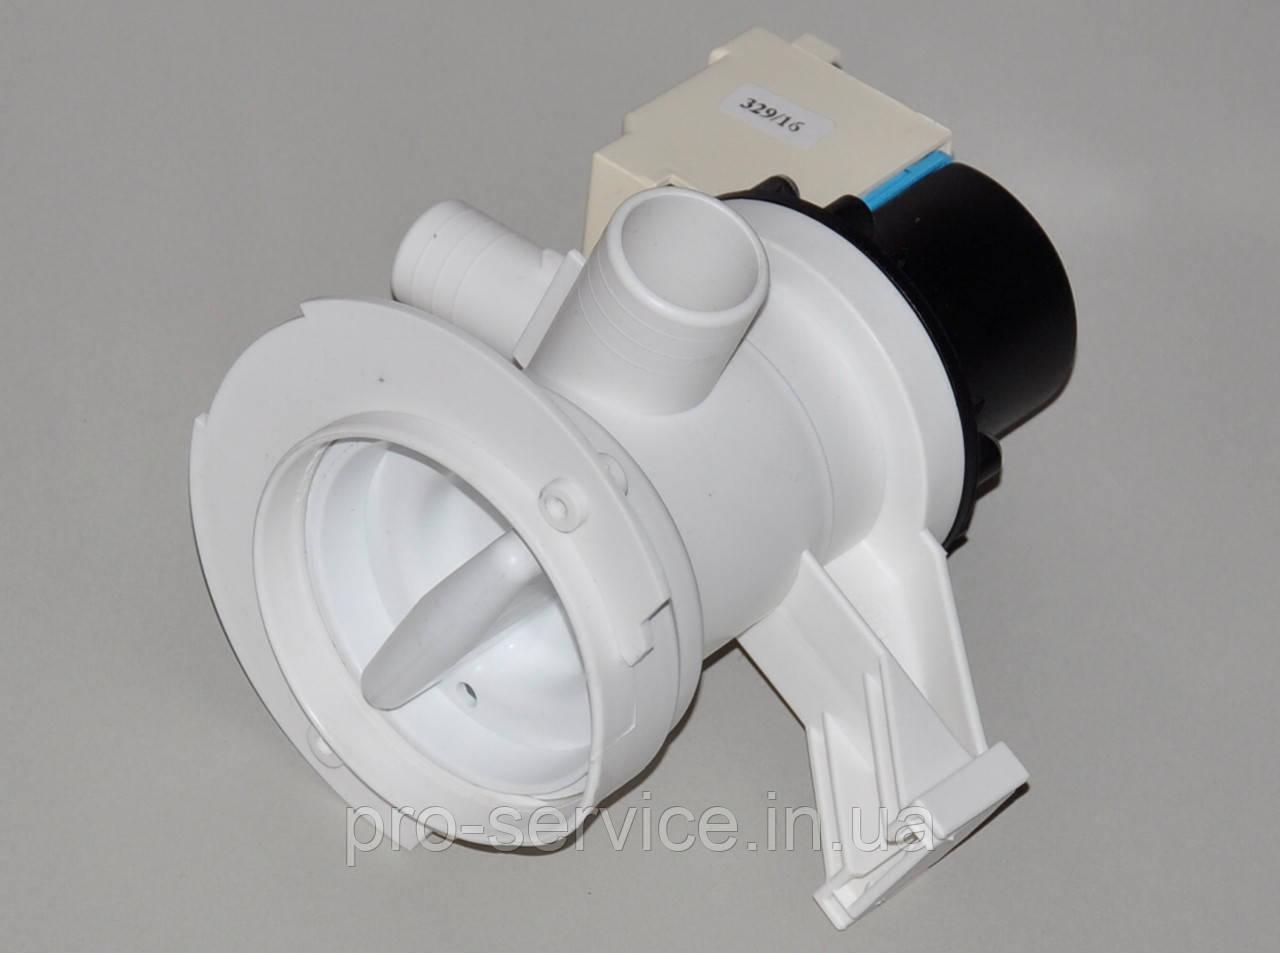 Насос в зборі 481236018529 для пральної машини Whirlpool